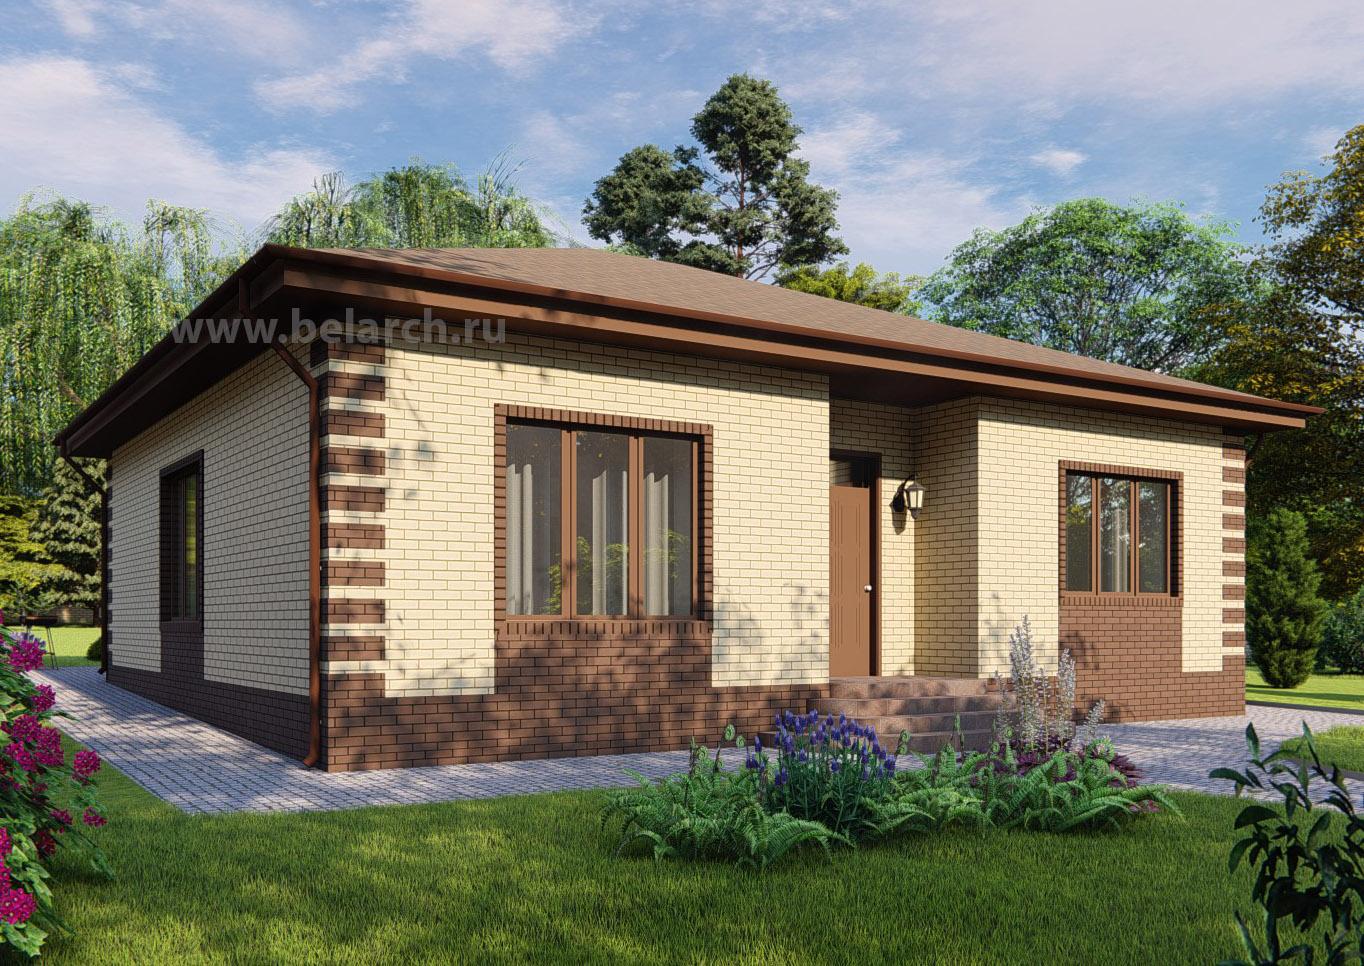 Проект дома 90 кв.м. фасадные решения